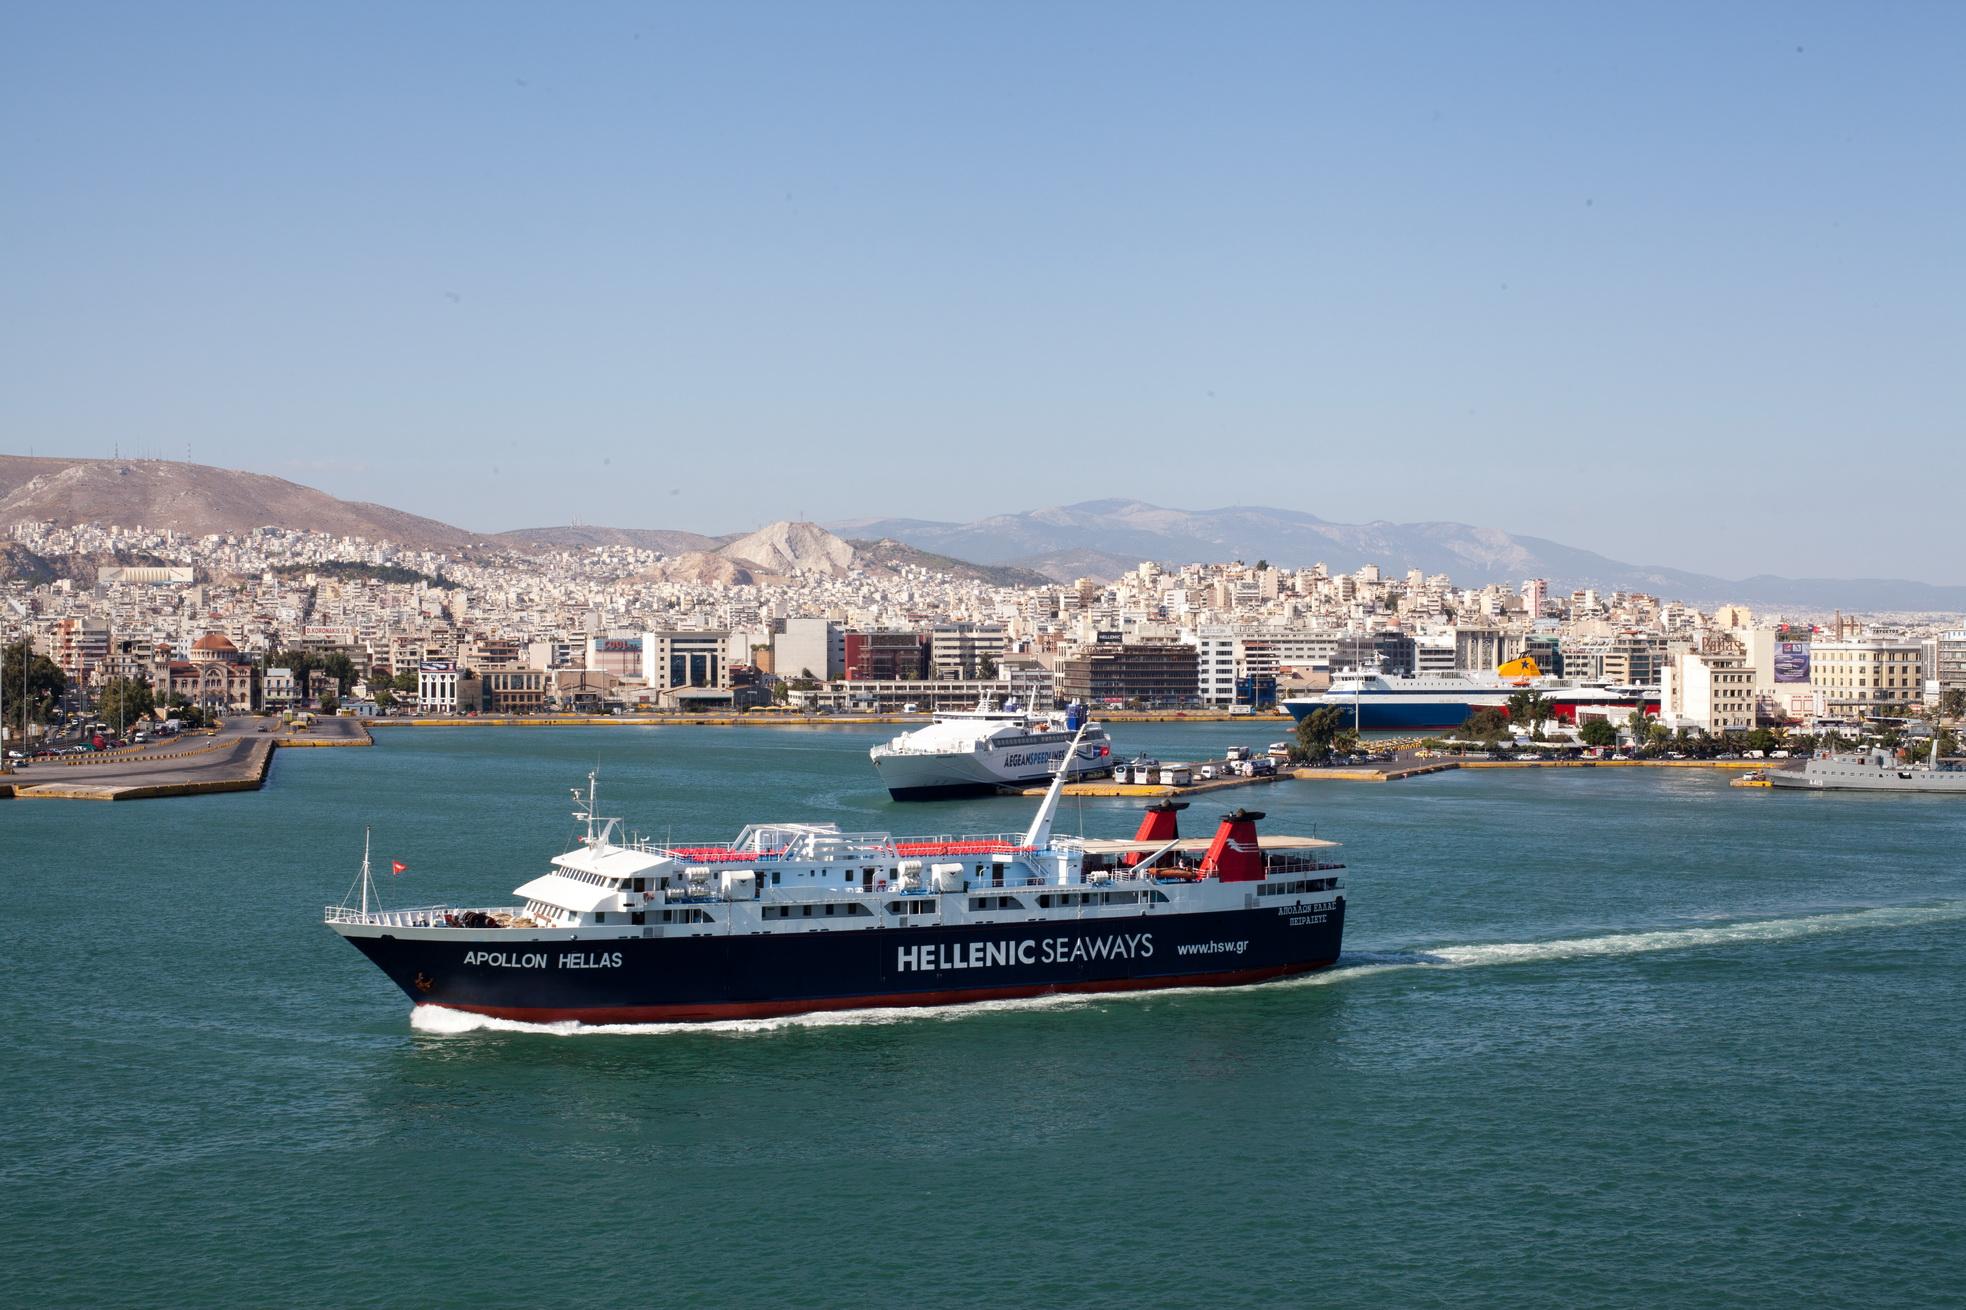 MS Apollon IMO 8807105 Heellas Hellenic Seaways Piraeus Port of Athens Greece 07